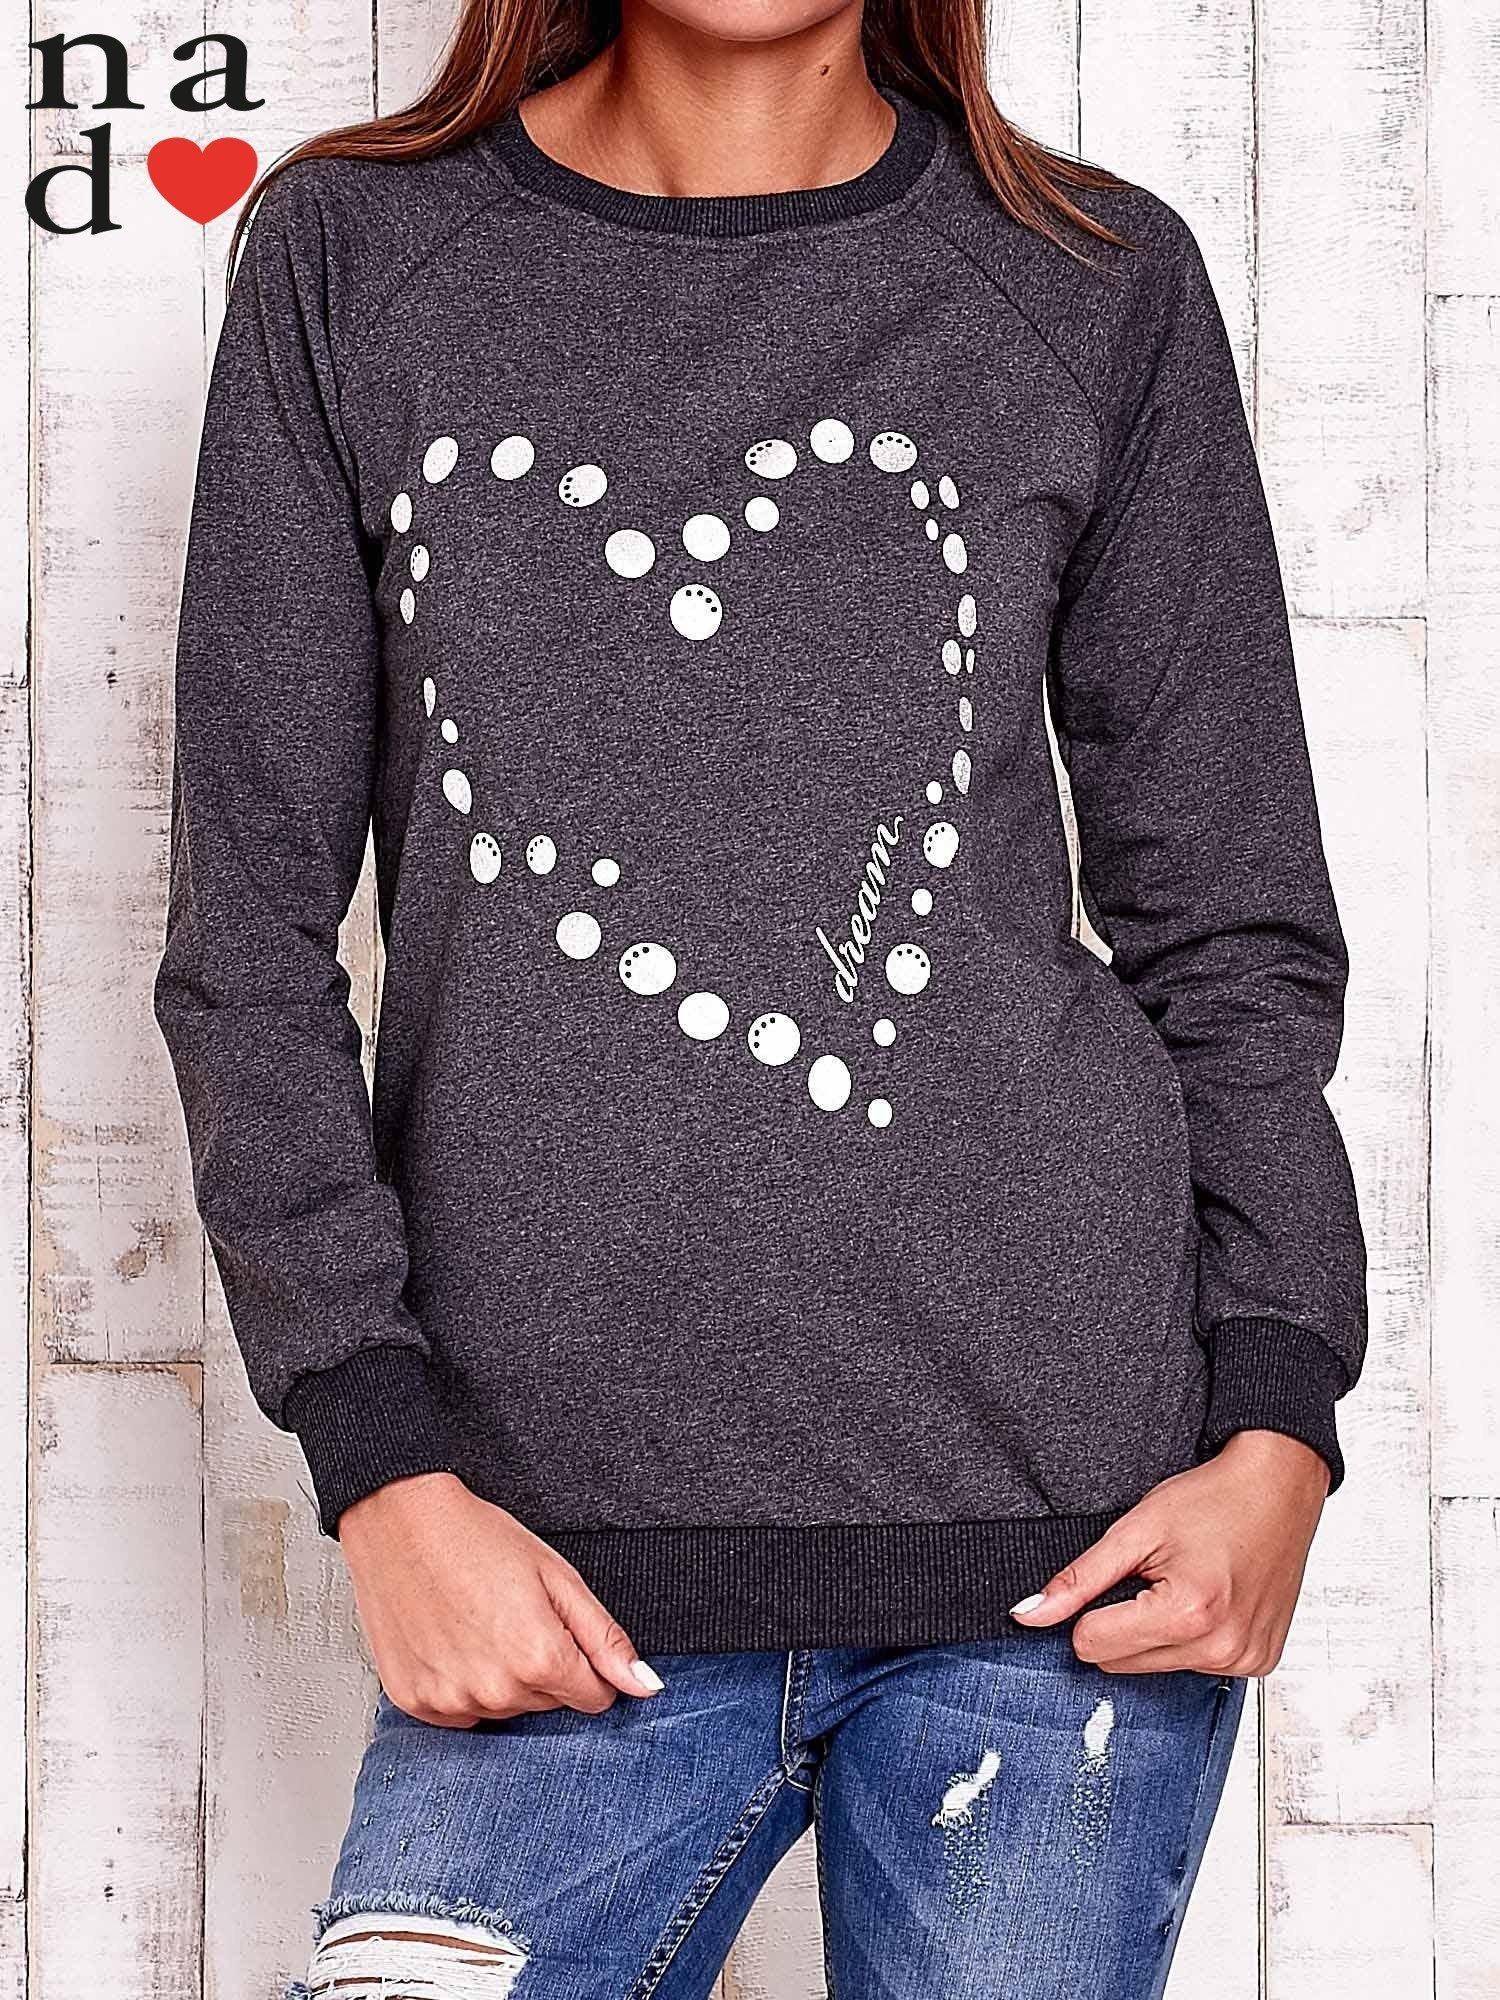 Ciemnoszara bluza z wzorem serca                                  zdj.                                  1